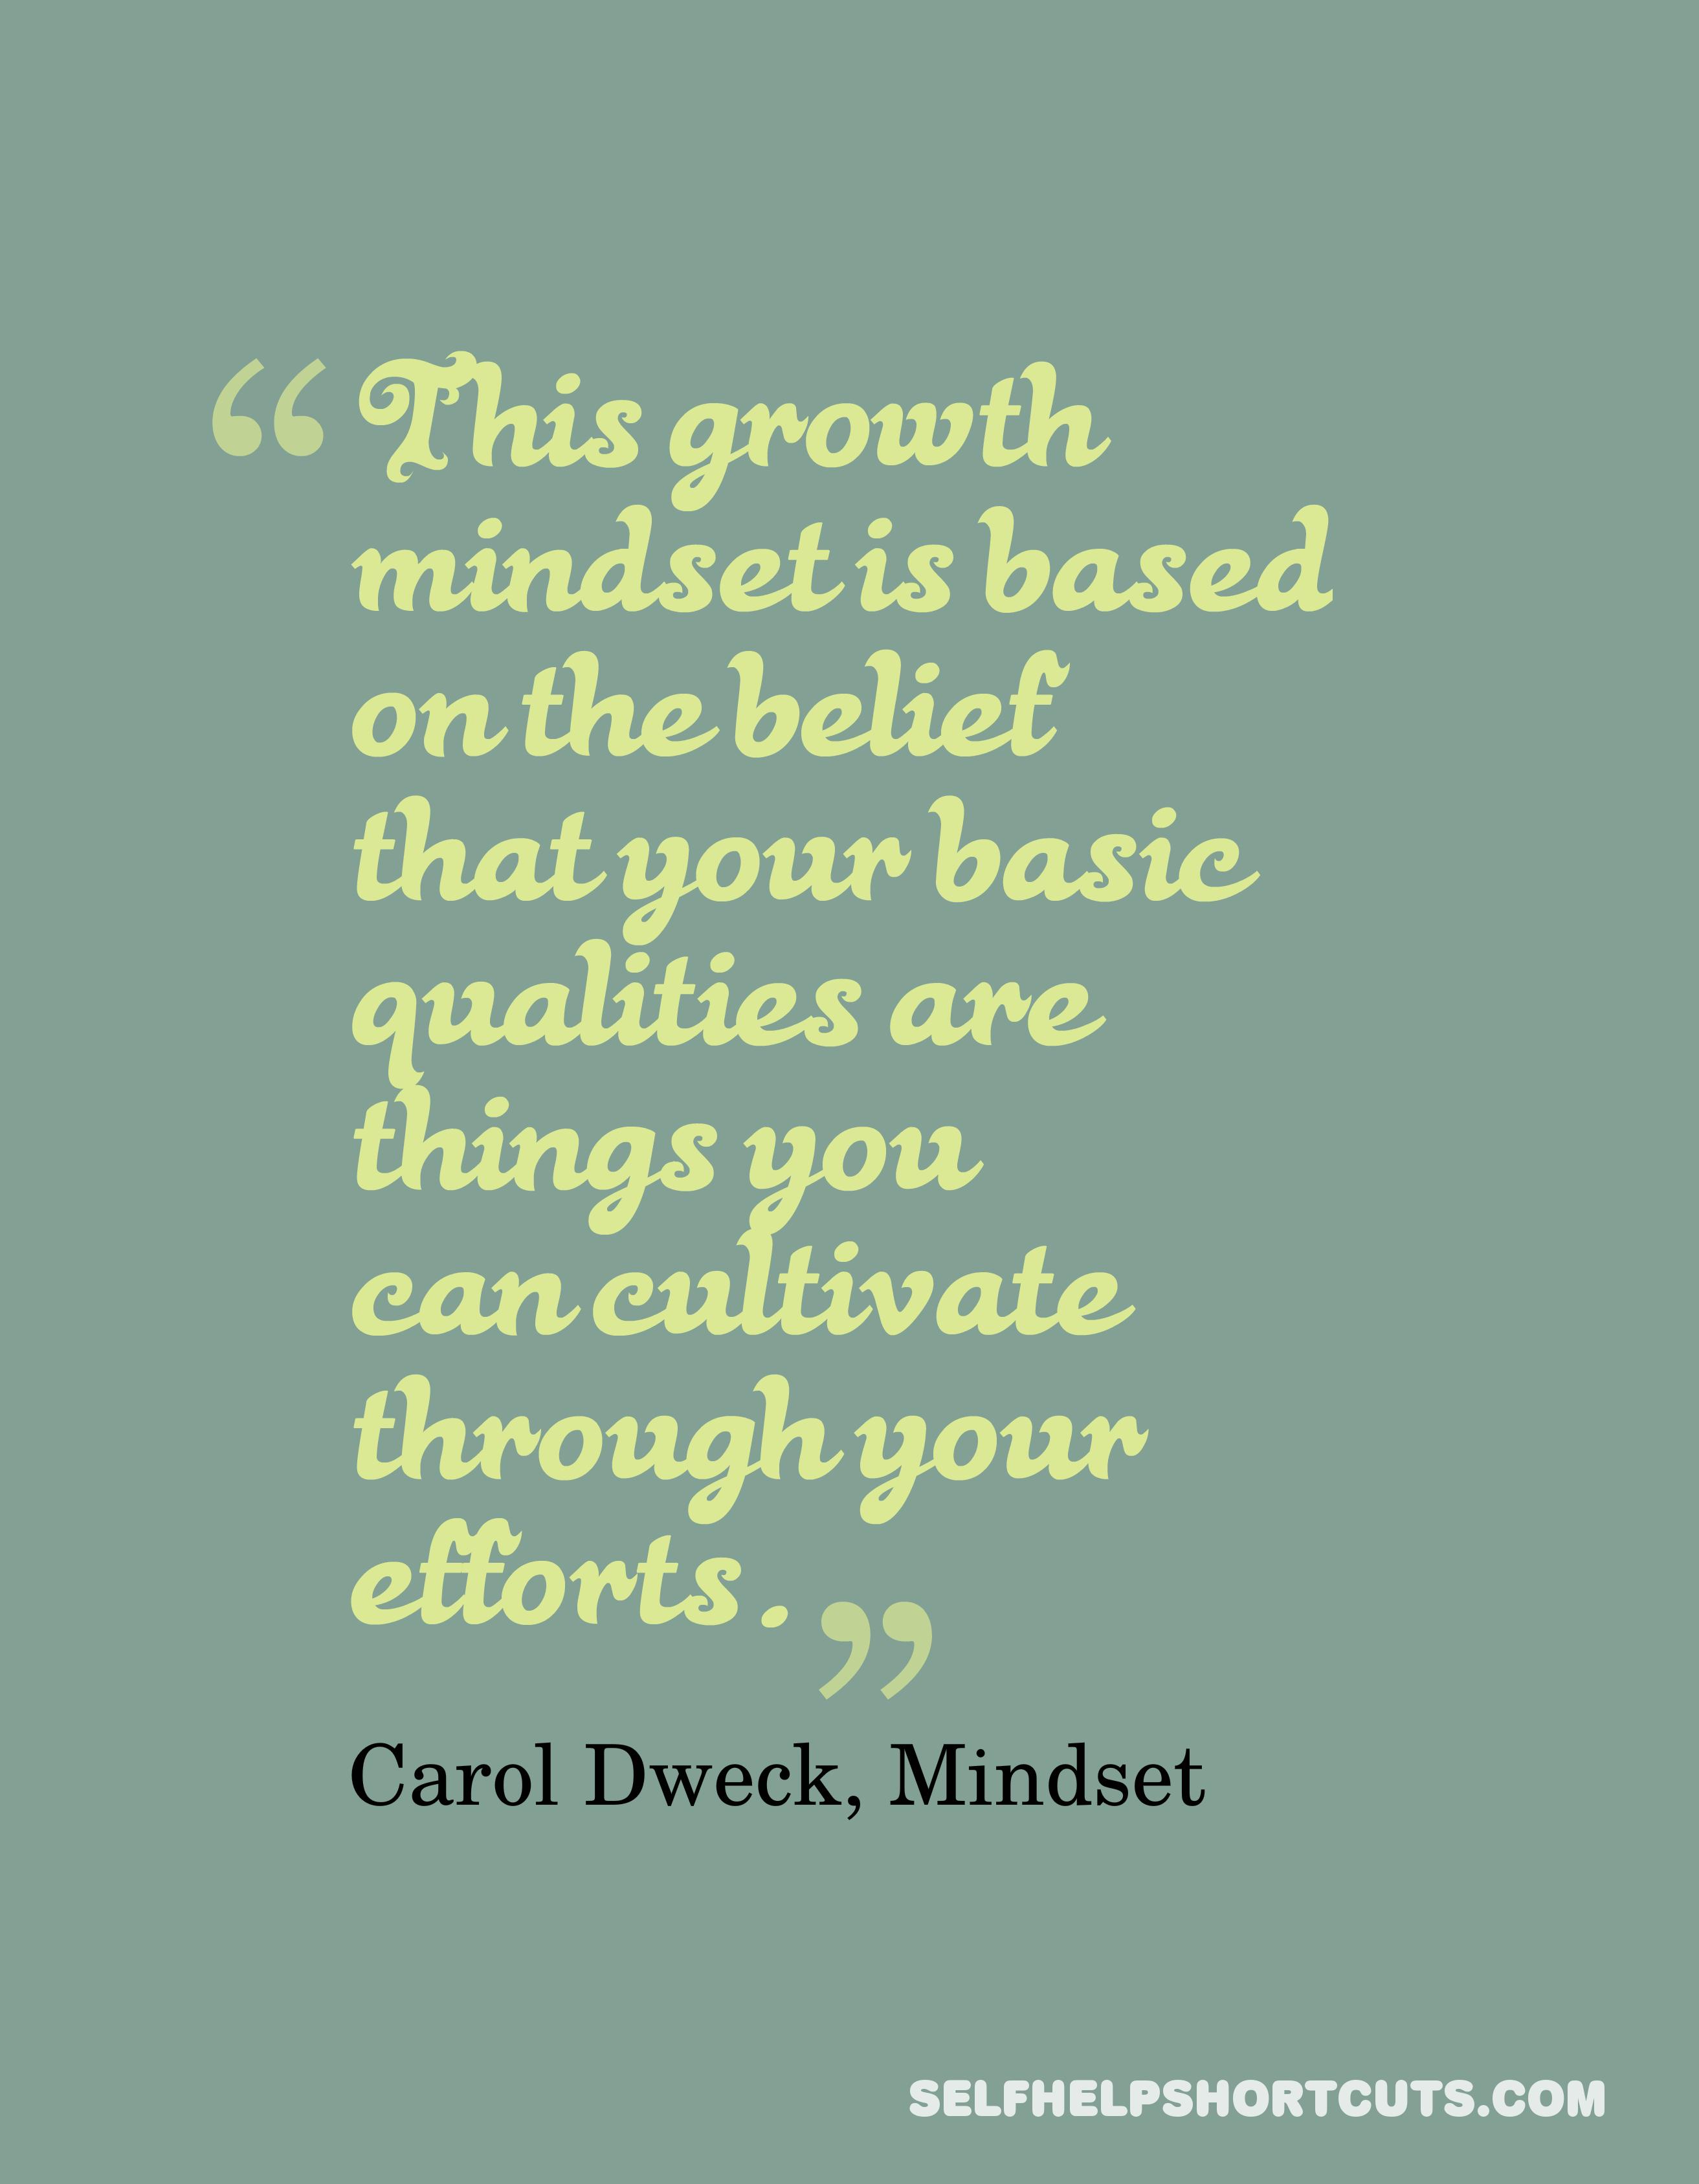 Student behavior quotes quotesgram - Growth Mindset Quotes Mindset Quotes Quotesgram